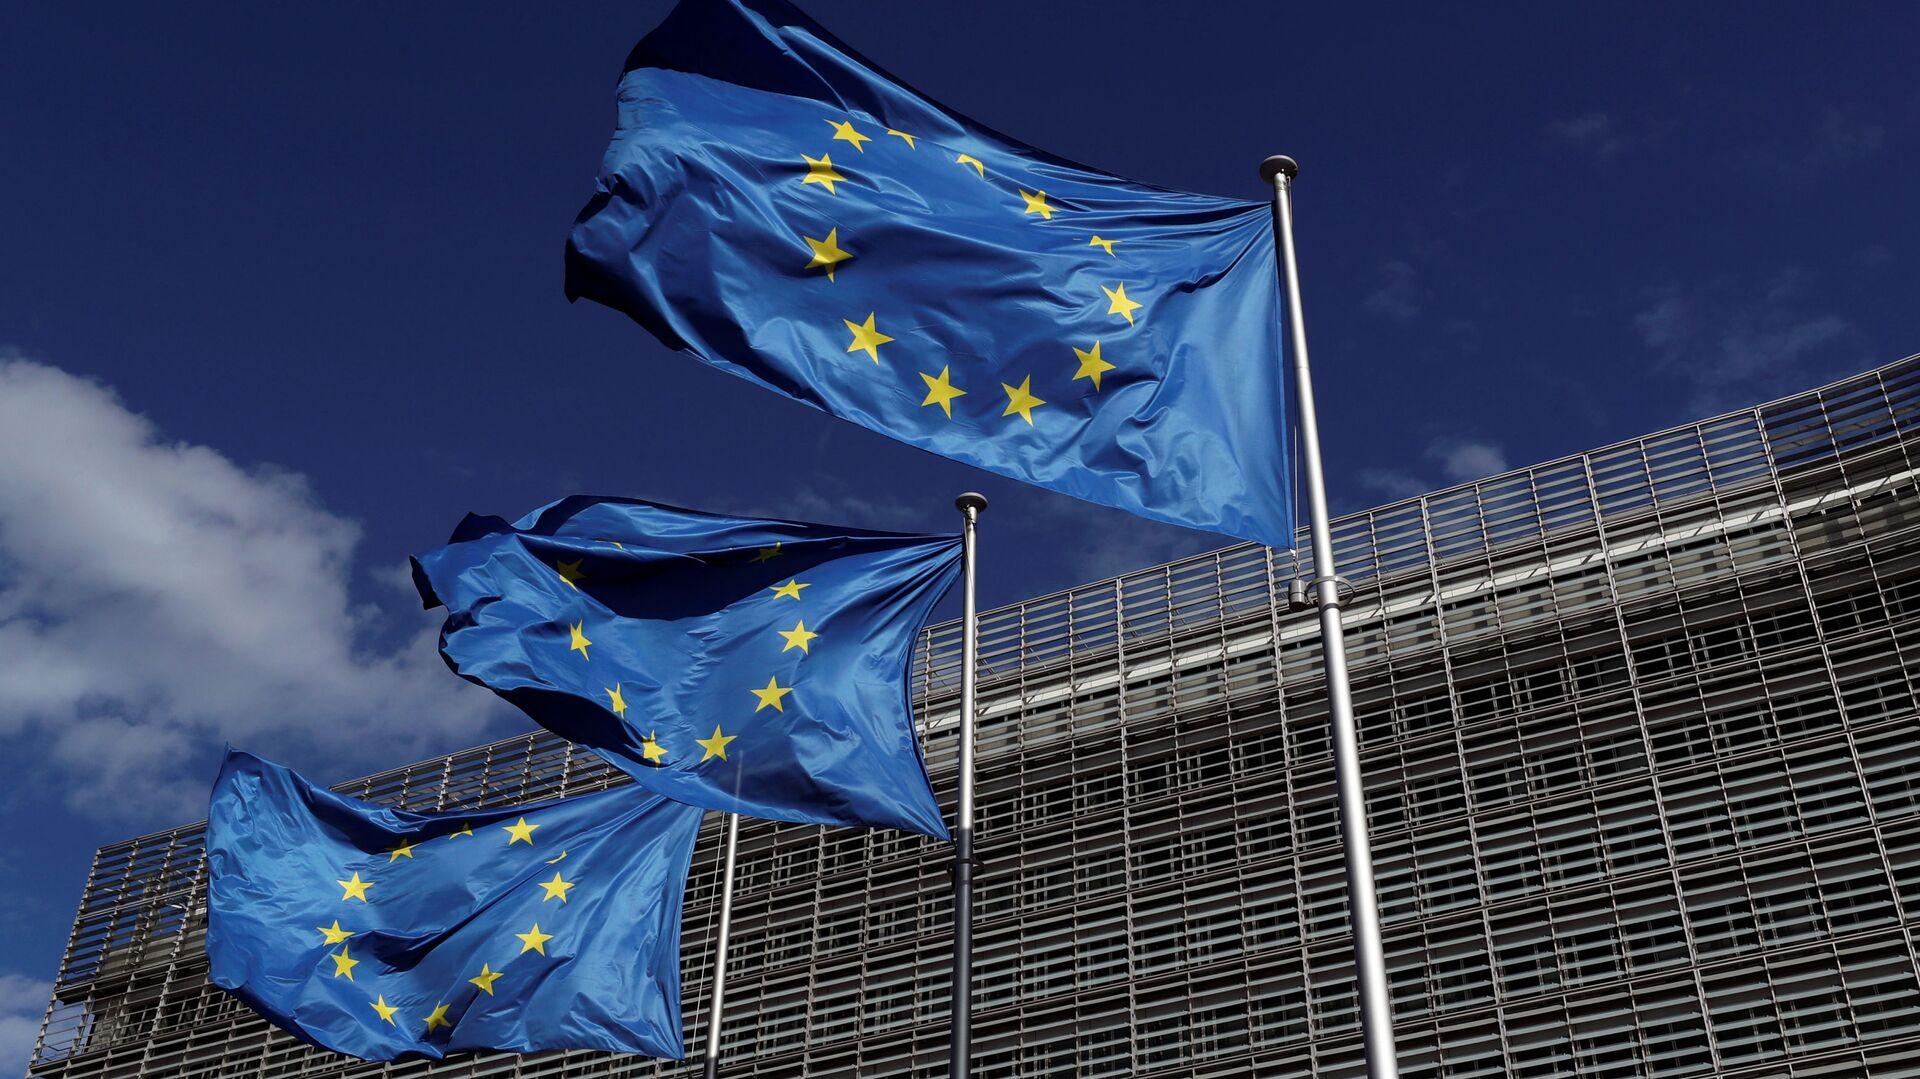 Banderas de la Unión Europea junto a la sede de la Comisión Europea, en Bruselas - Sputnik Mundo, 1920, 11.03.2021